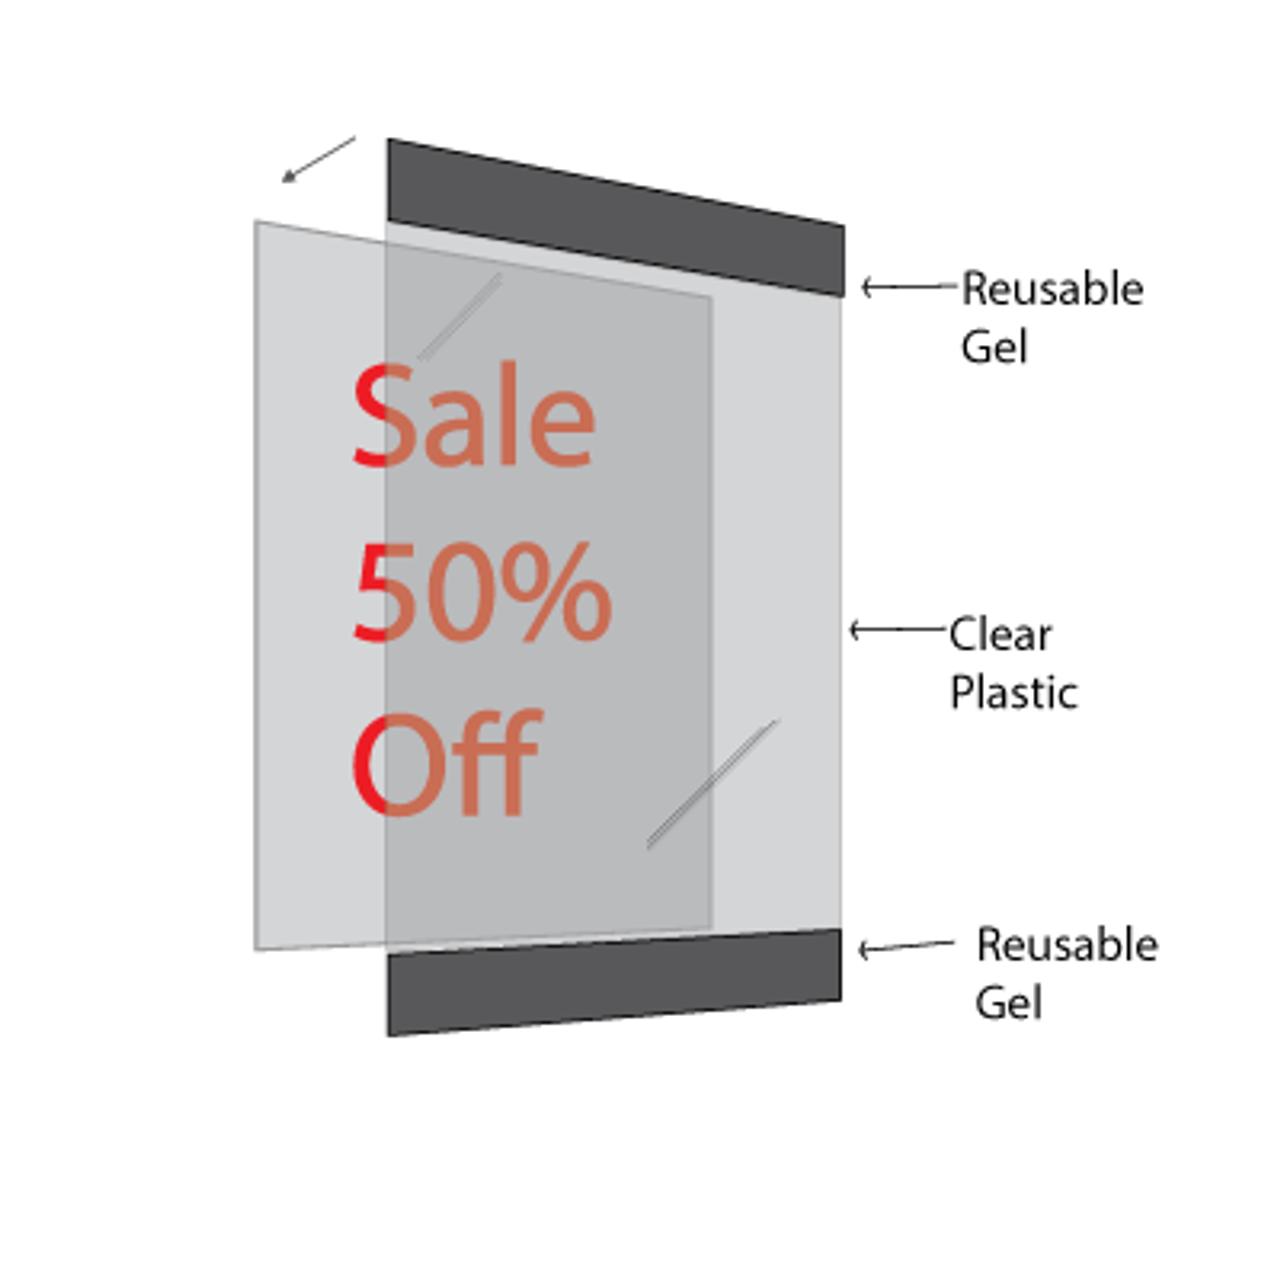 """Reusable Frame 8.5""""w x 11""""h - 1"""" White Border - 5/Pack"""